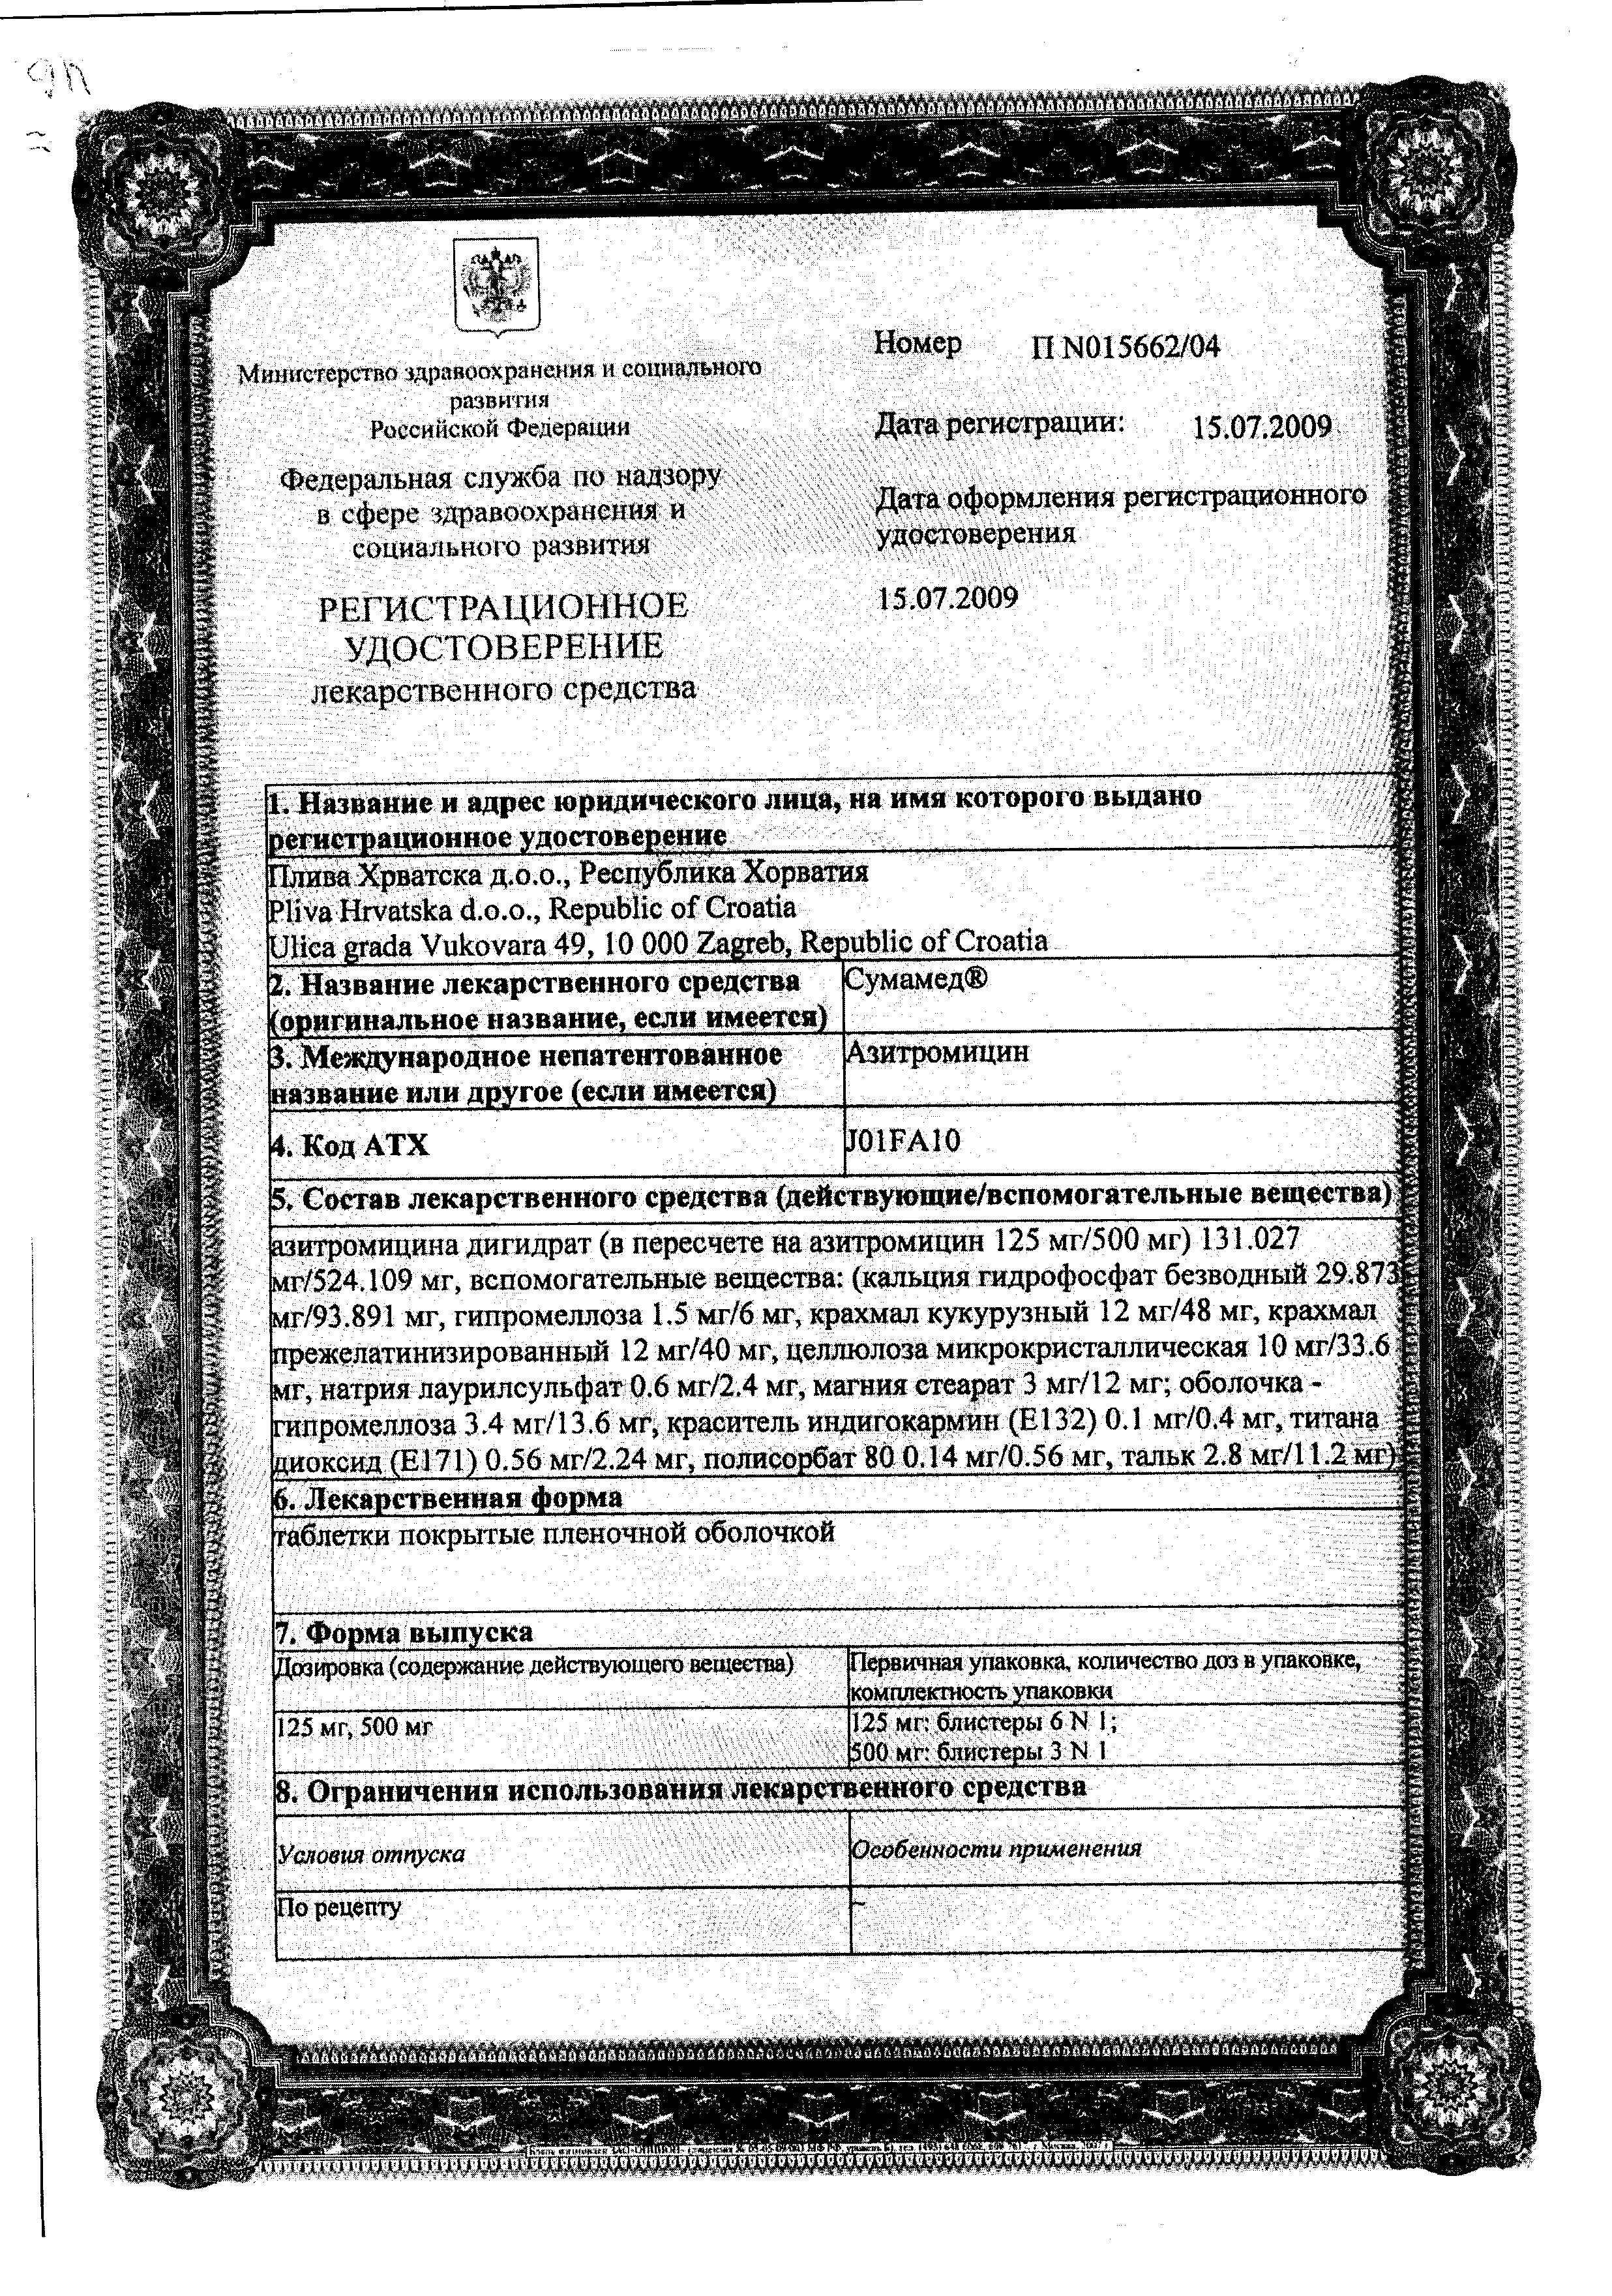 Сумамед сертификат